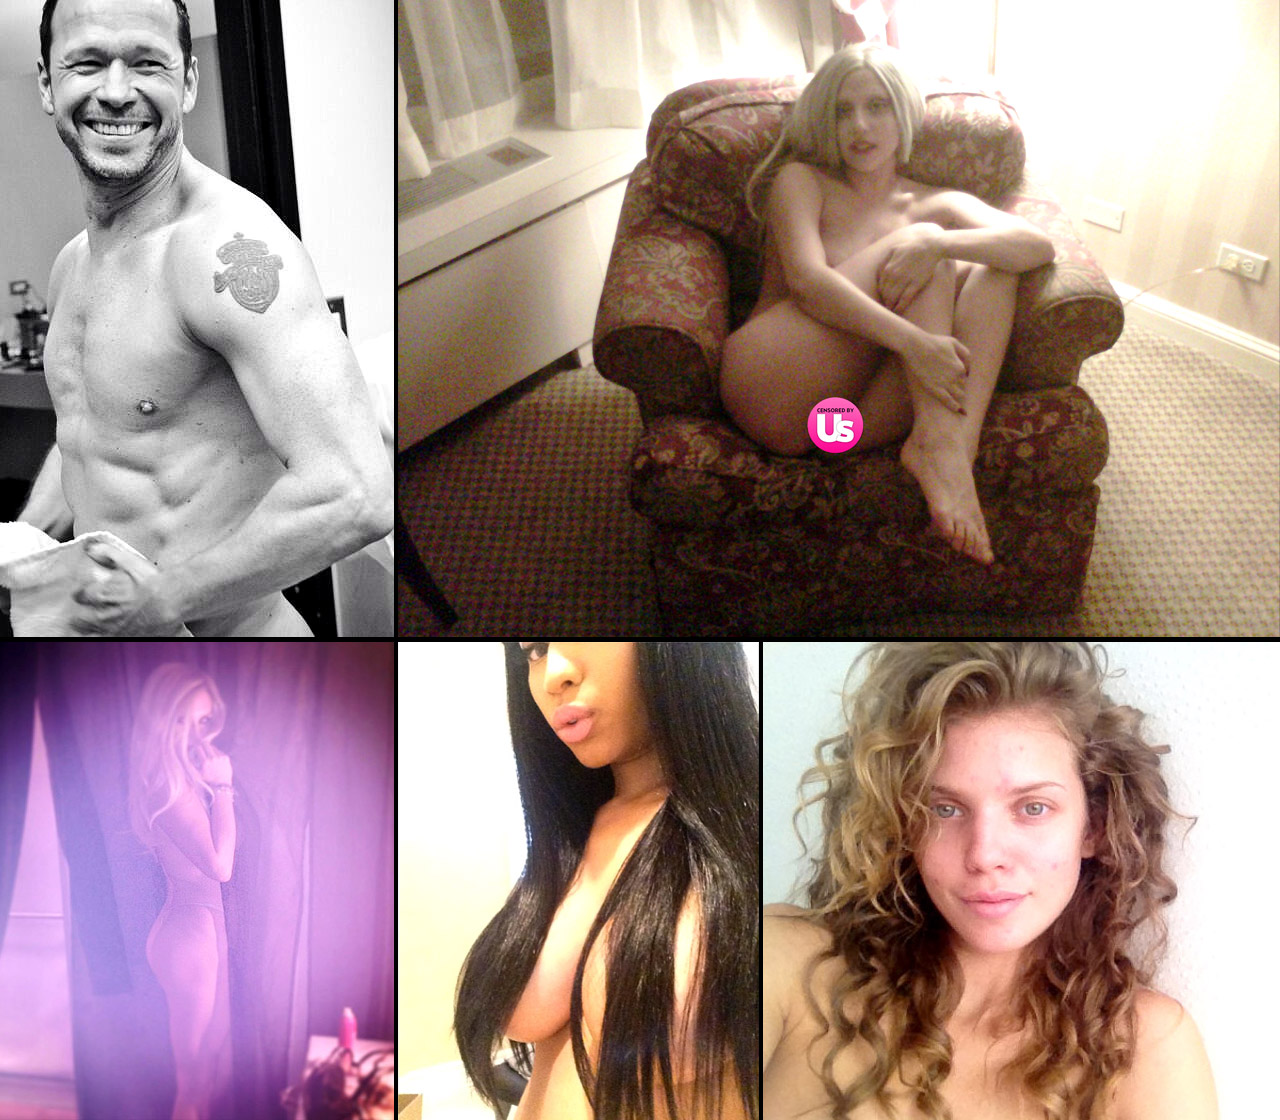 Leaked Twitter Nudes